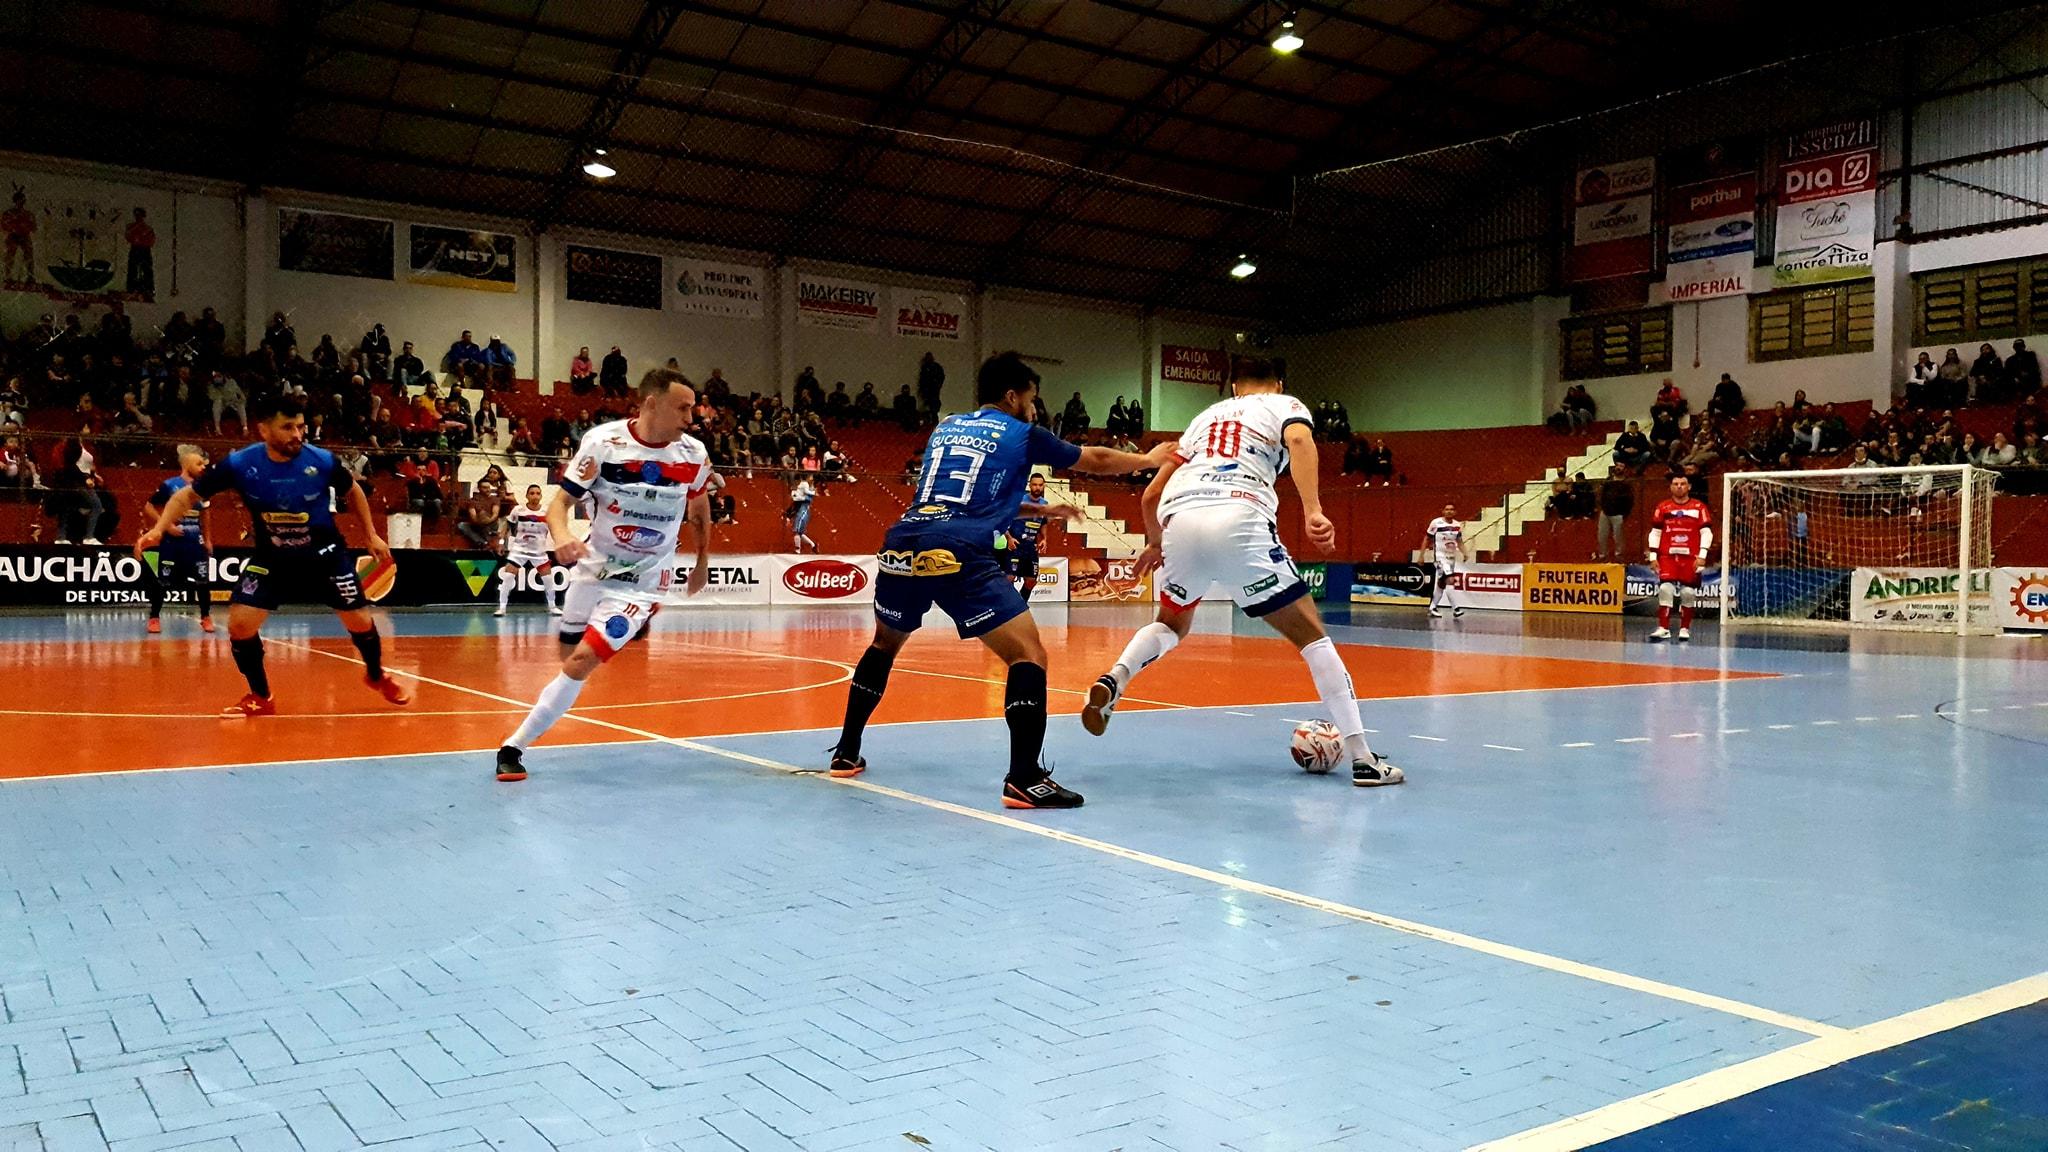 Guarany /Cotriel/Sicredi perde por 6 a 3 em Marau